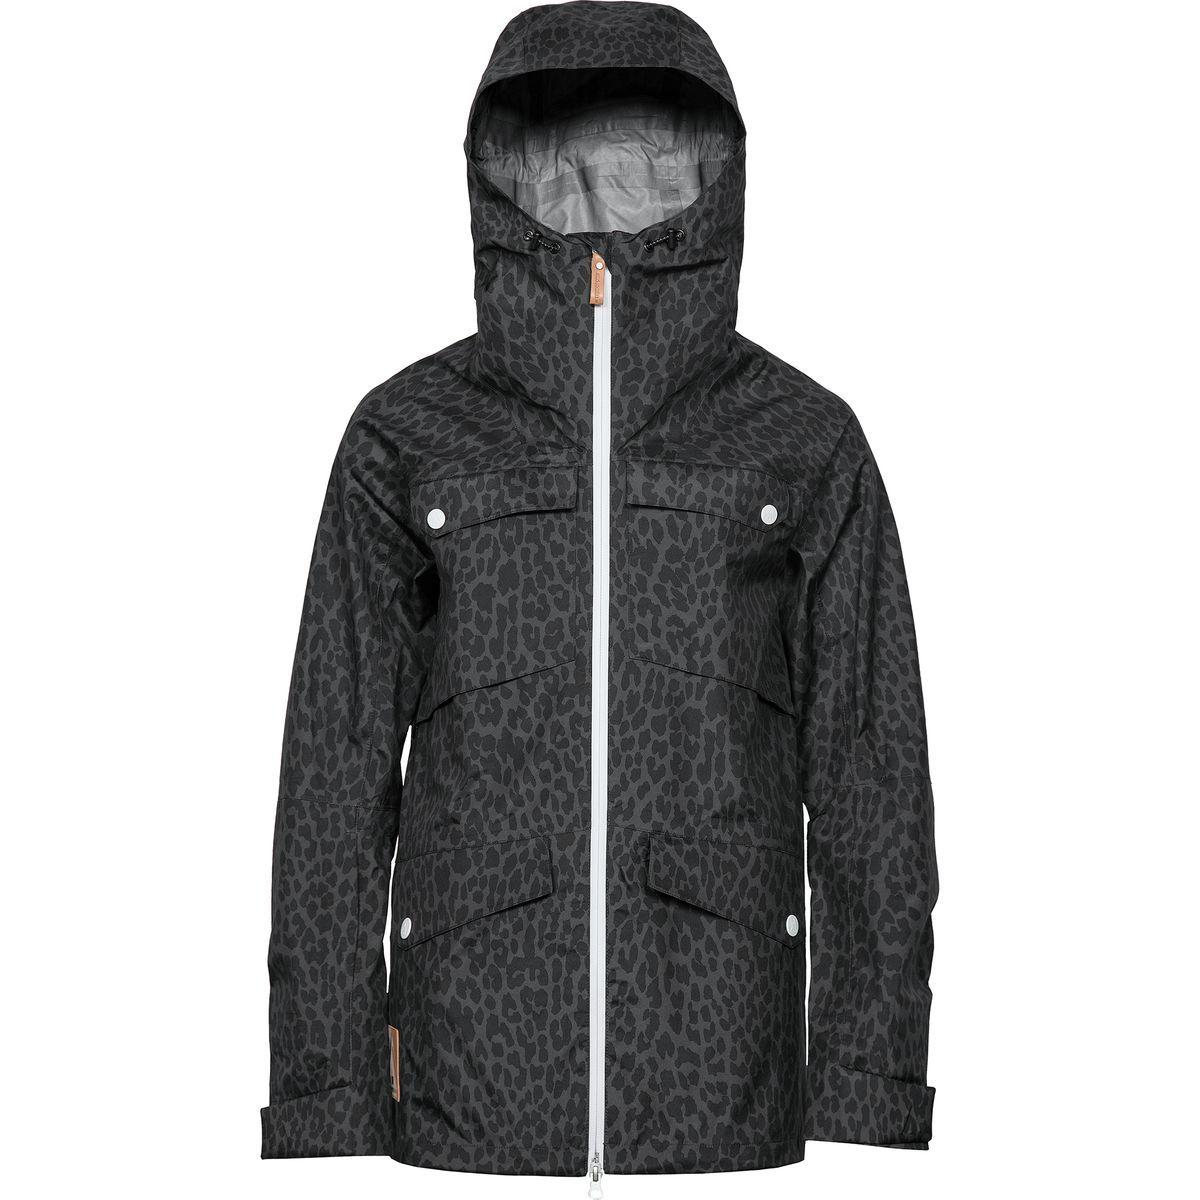 WEAR COLOUR Lynx Jacket - Women's